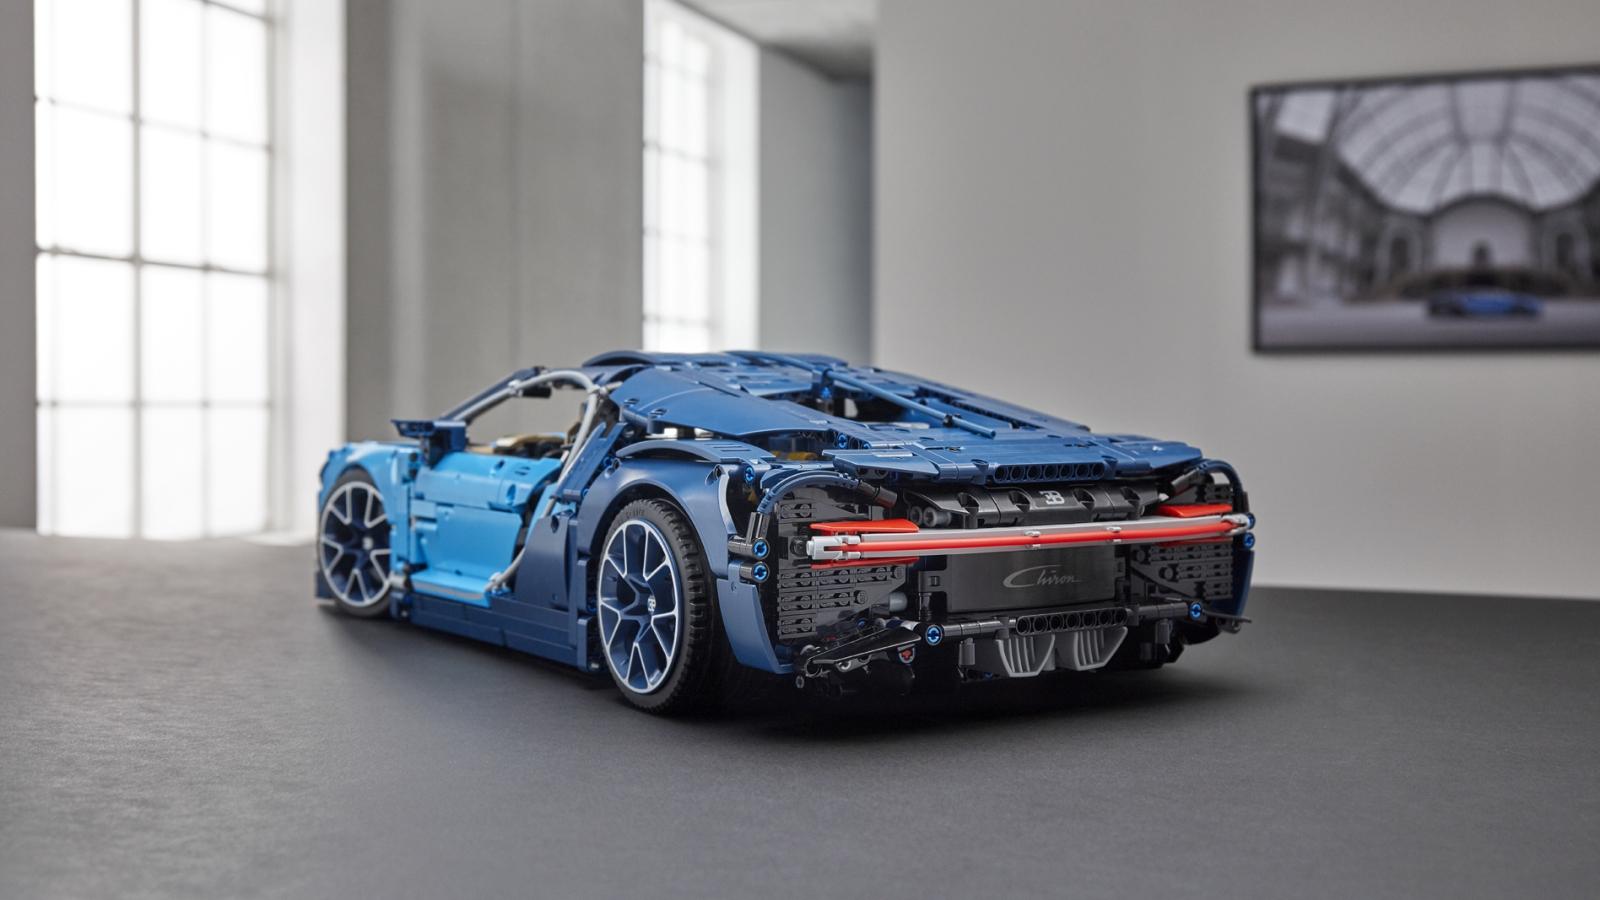 La nuova Bugatti Chiron diventa un modello LEGO Technic thumbnail